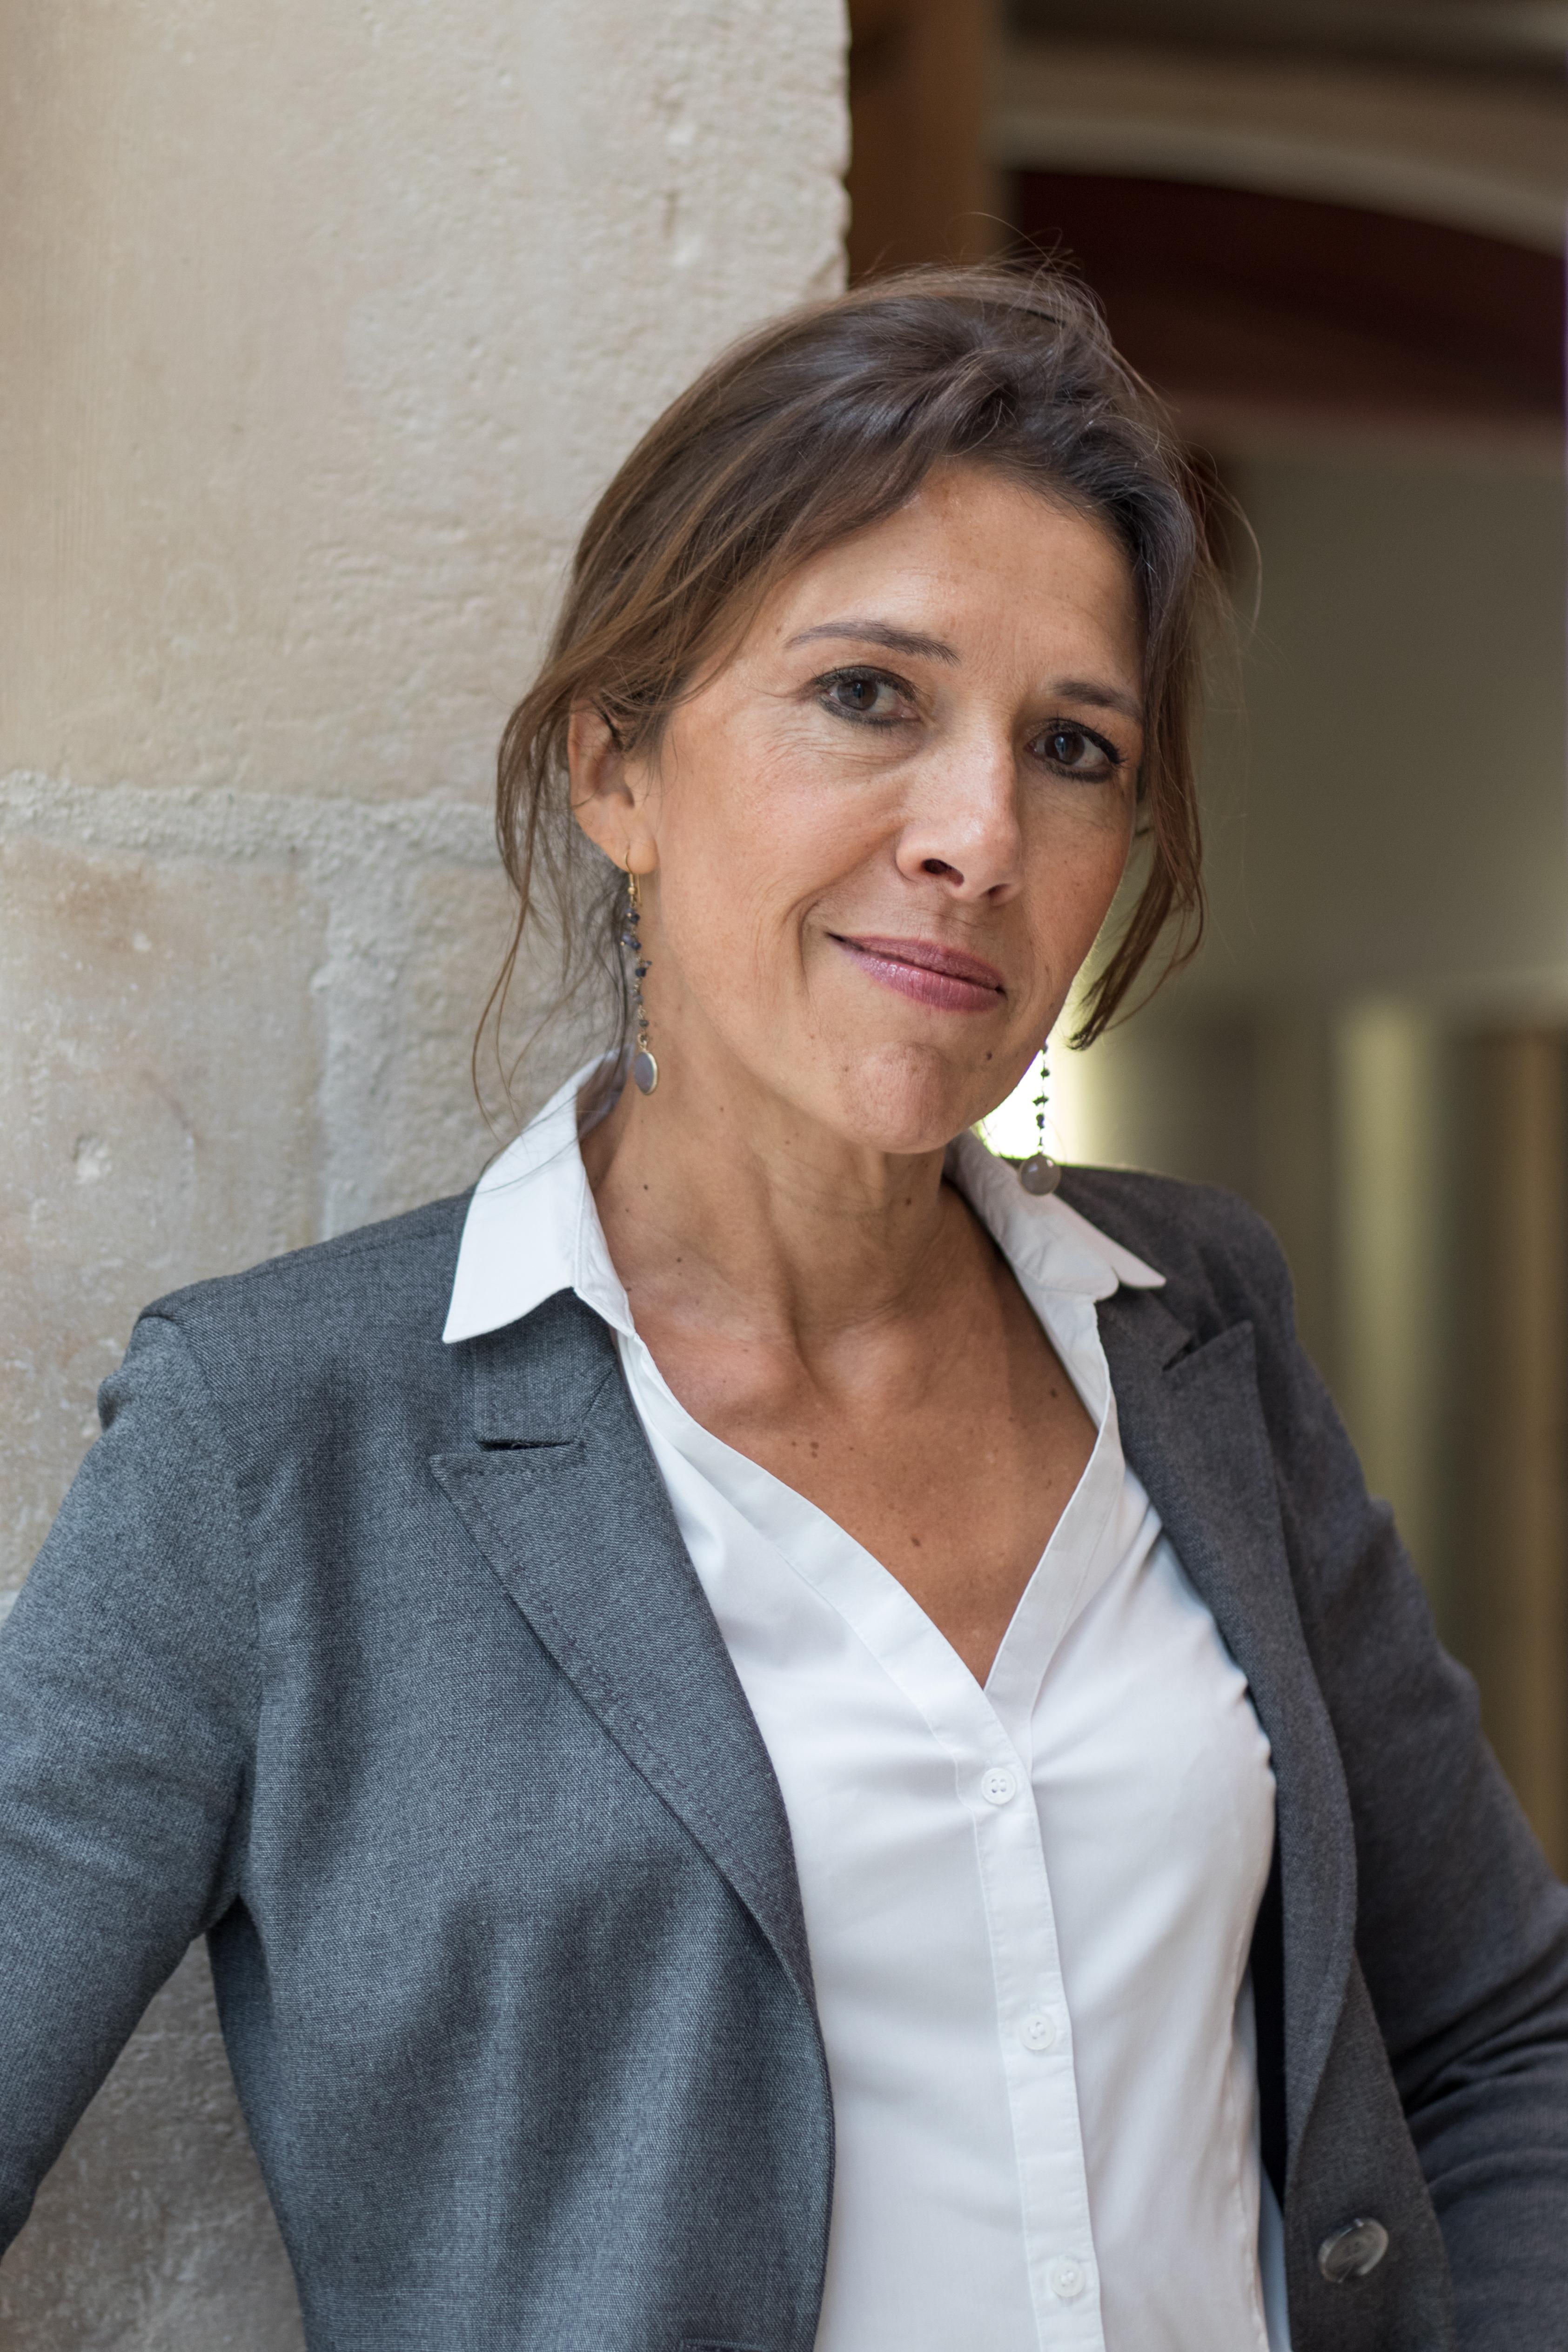 Jacquet accepts the new Paris role